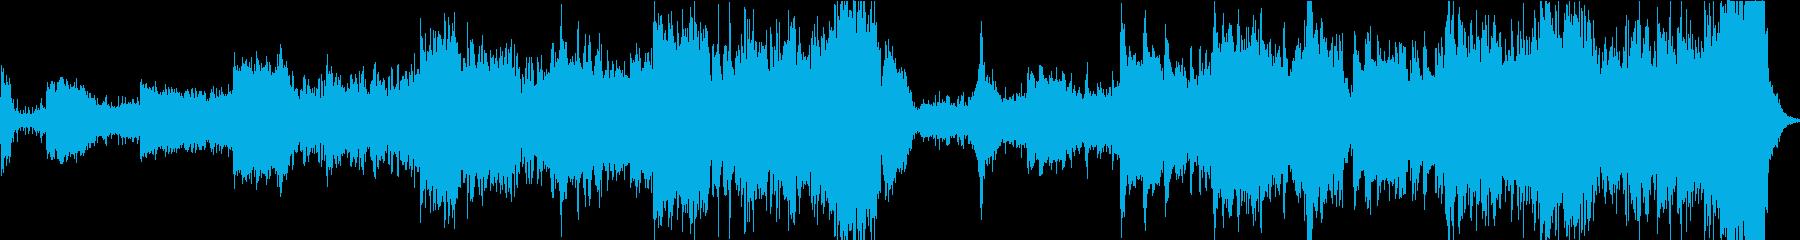 アンビエントでワイルドな曲の再生済みの波形